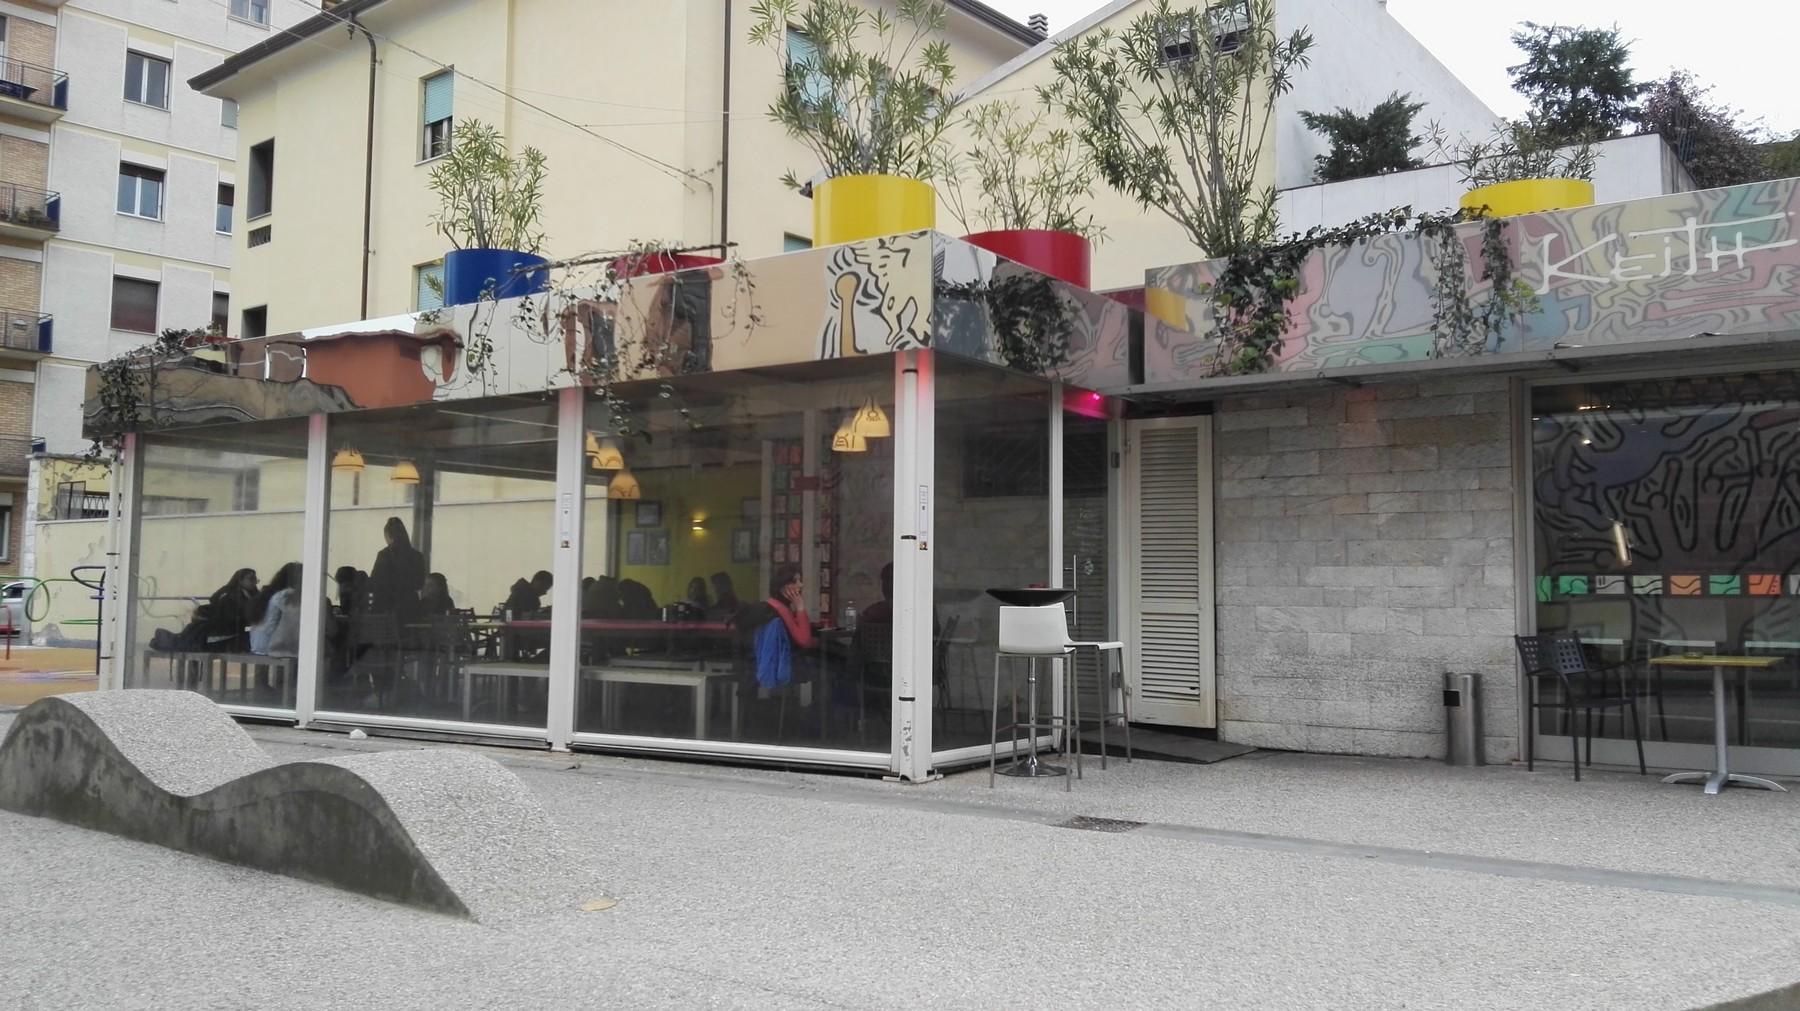 BAR KEITH ART CAFE'-PISA